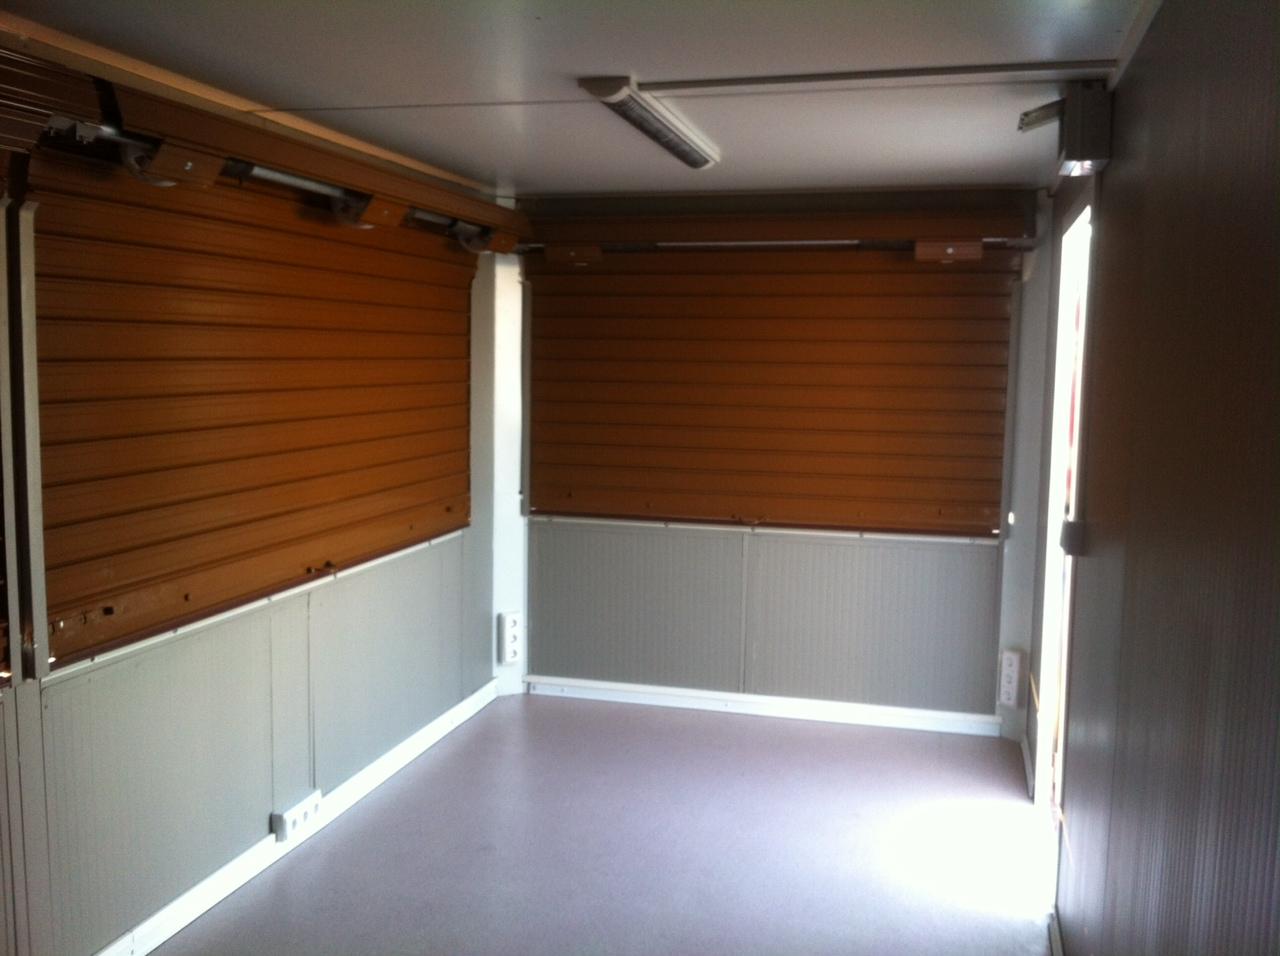 Persianas y puertas manuales y autom ticas pedro reyes for Kioscos bares de madera somos fabricantes